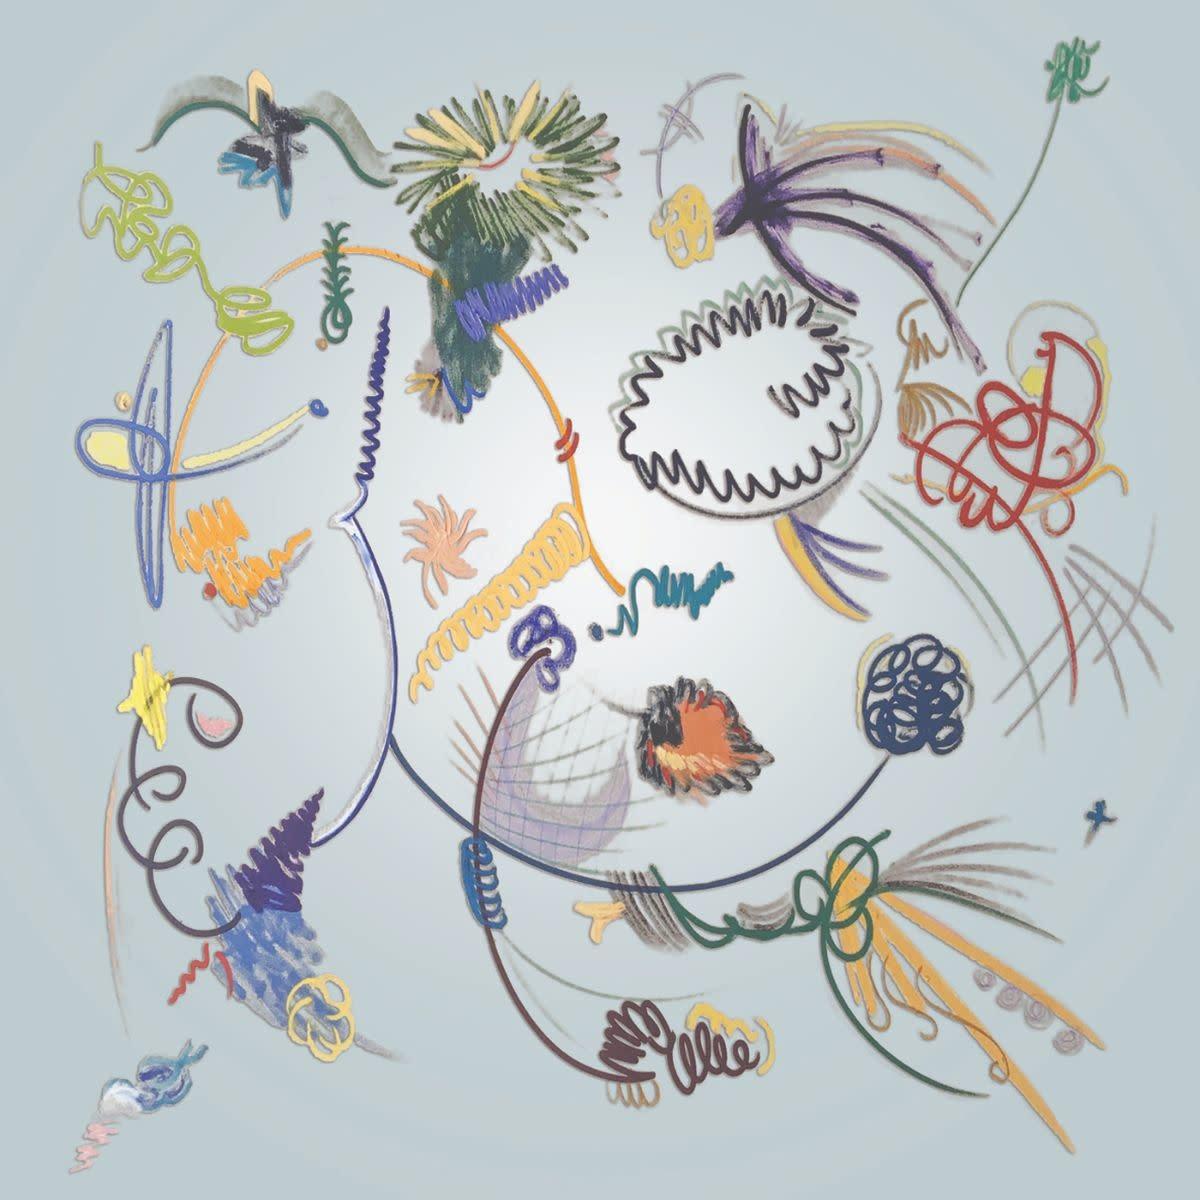 Zel Zele Berk Icli - Glimpses of An Eternal Bloom